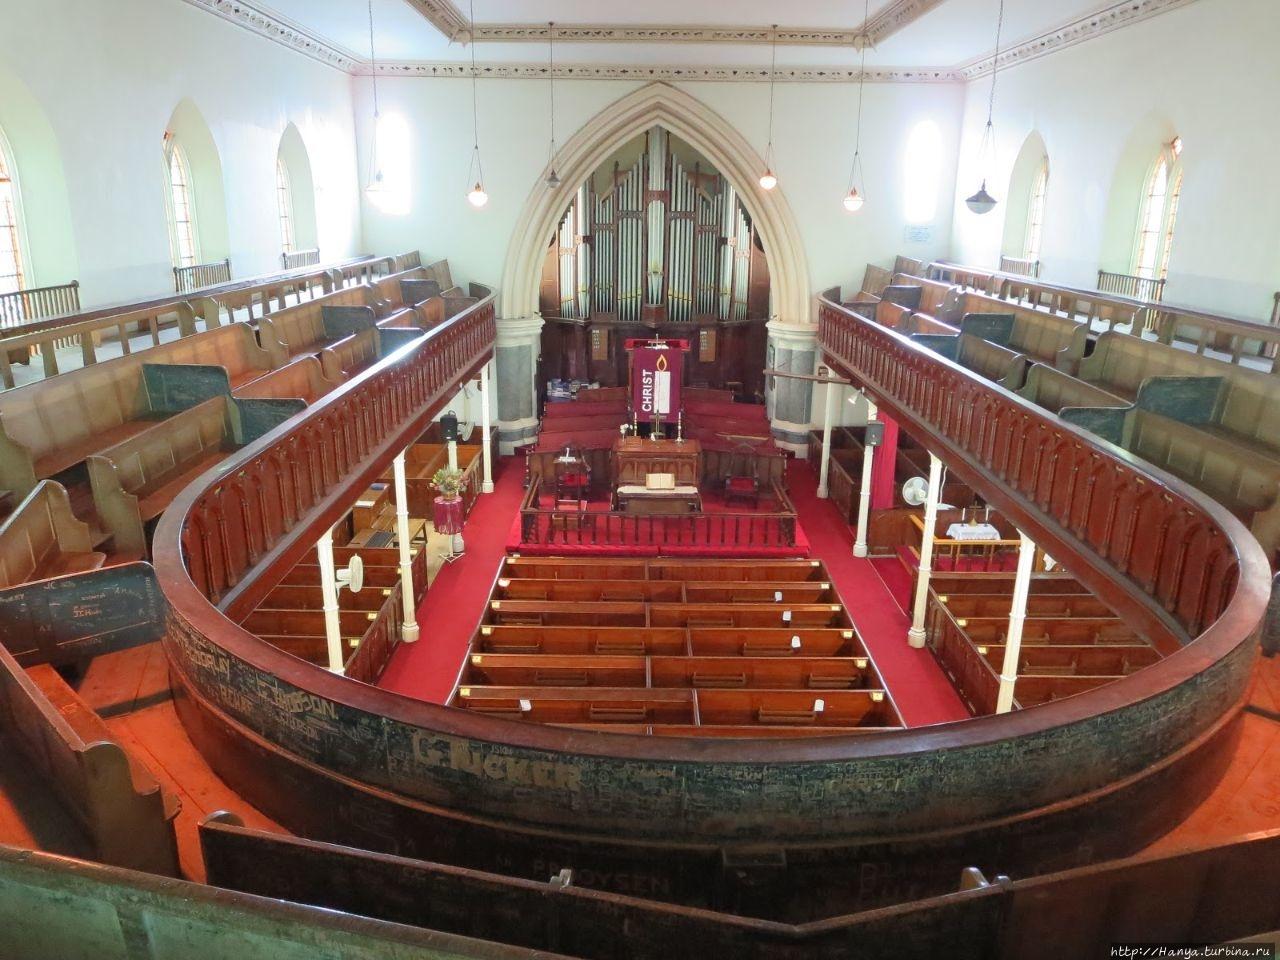 Интерьер церкви. Из интер